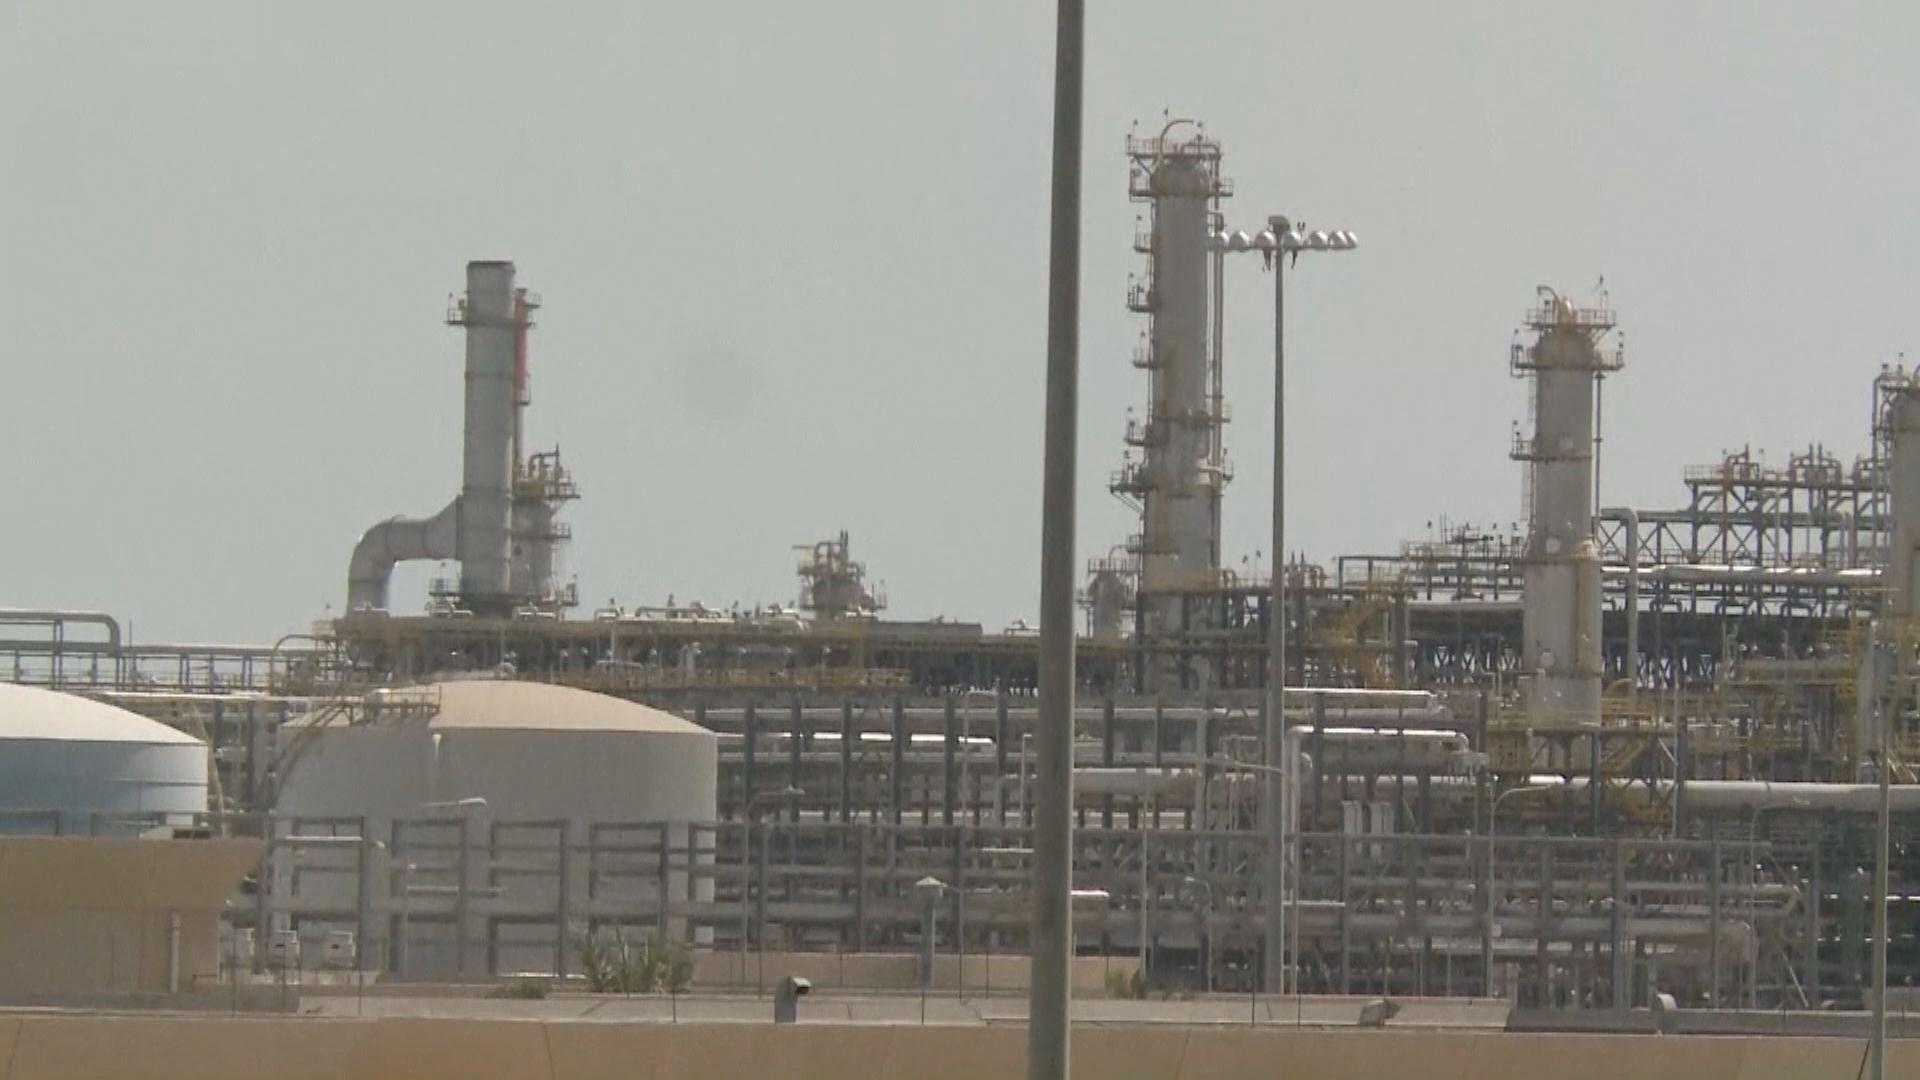 庫欣原油庫存增幅創紀錄 油價結束2連升急挫